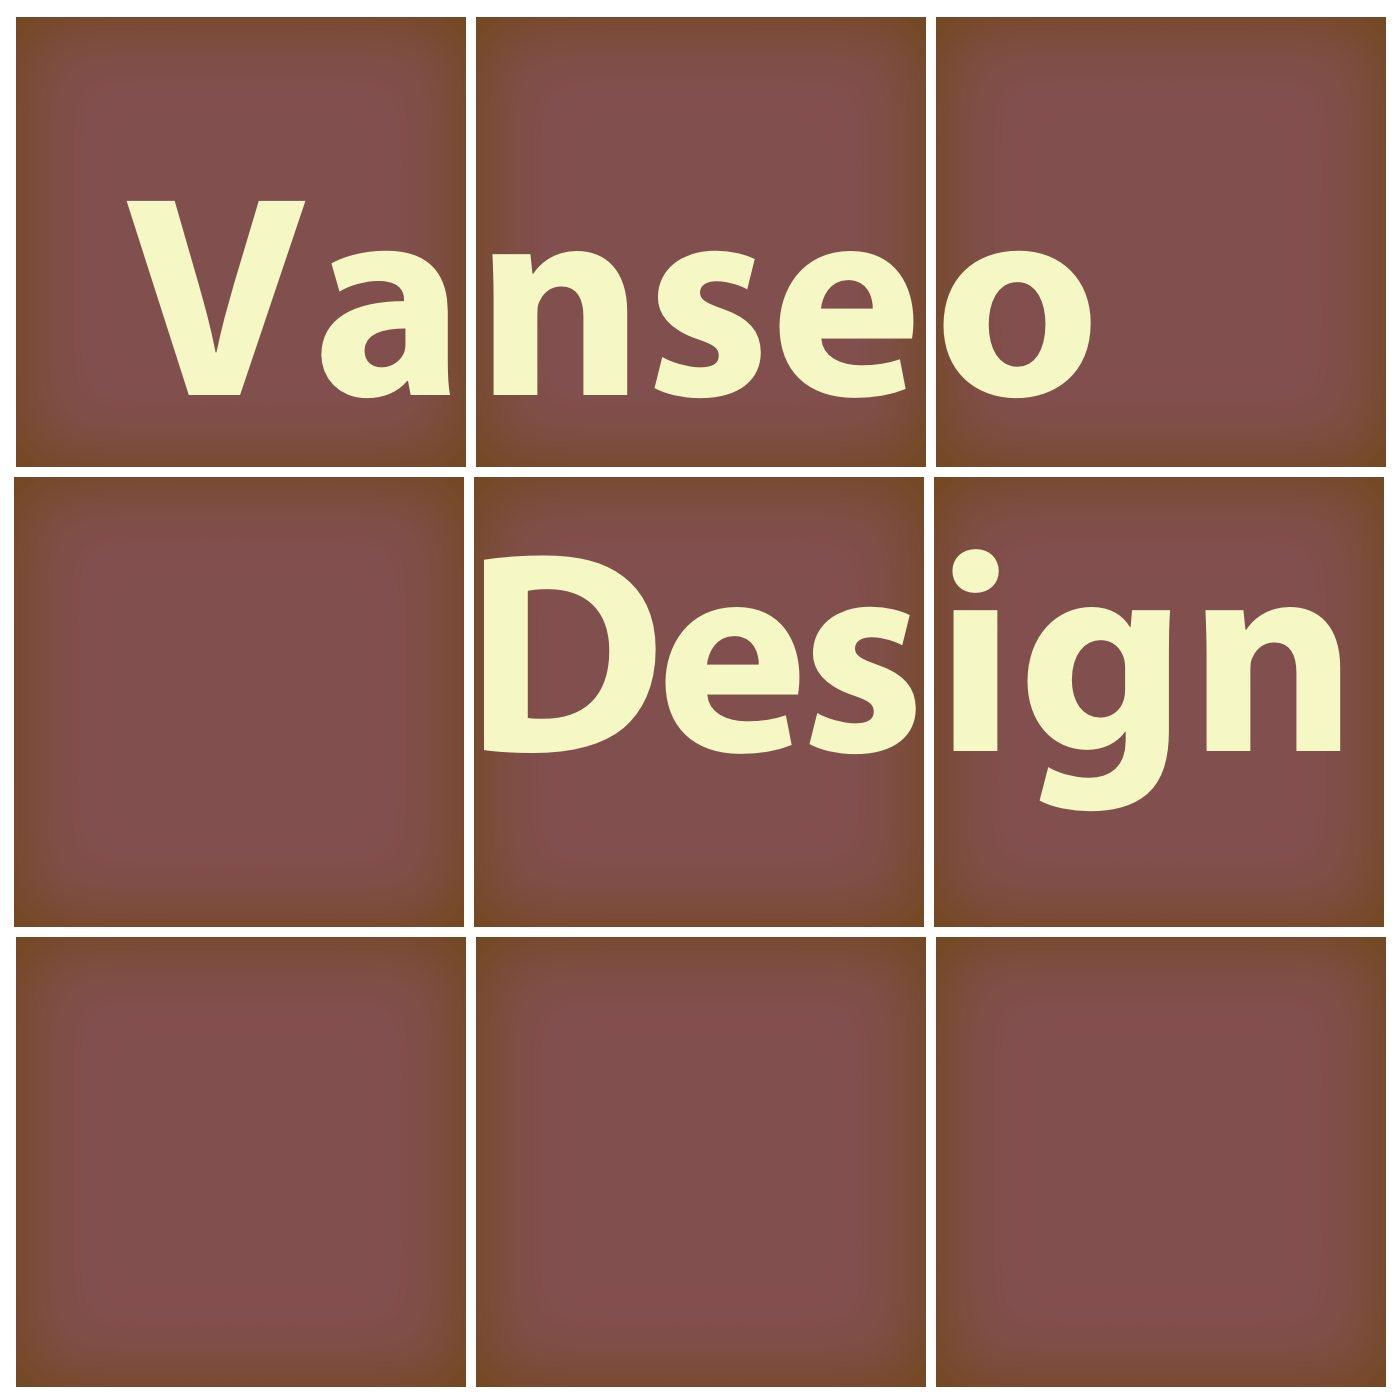 Vanseo Design